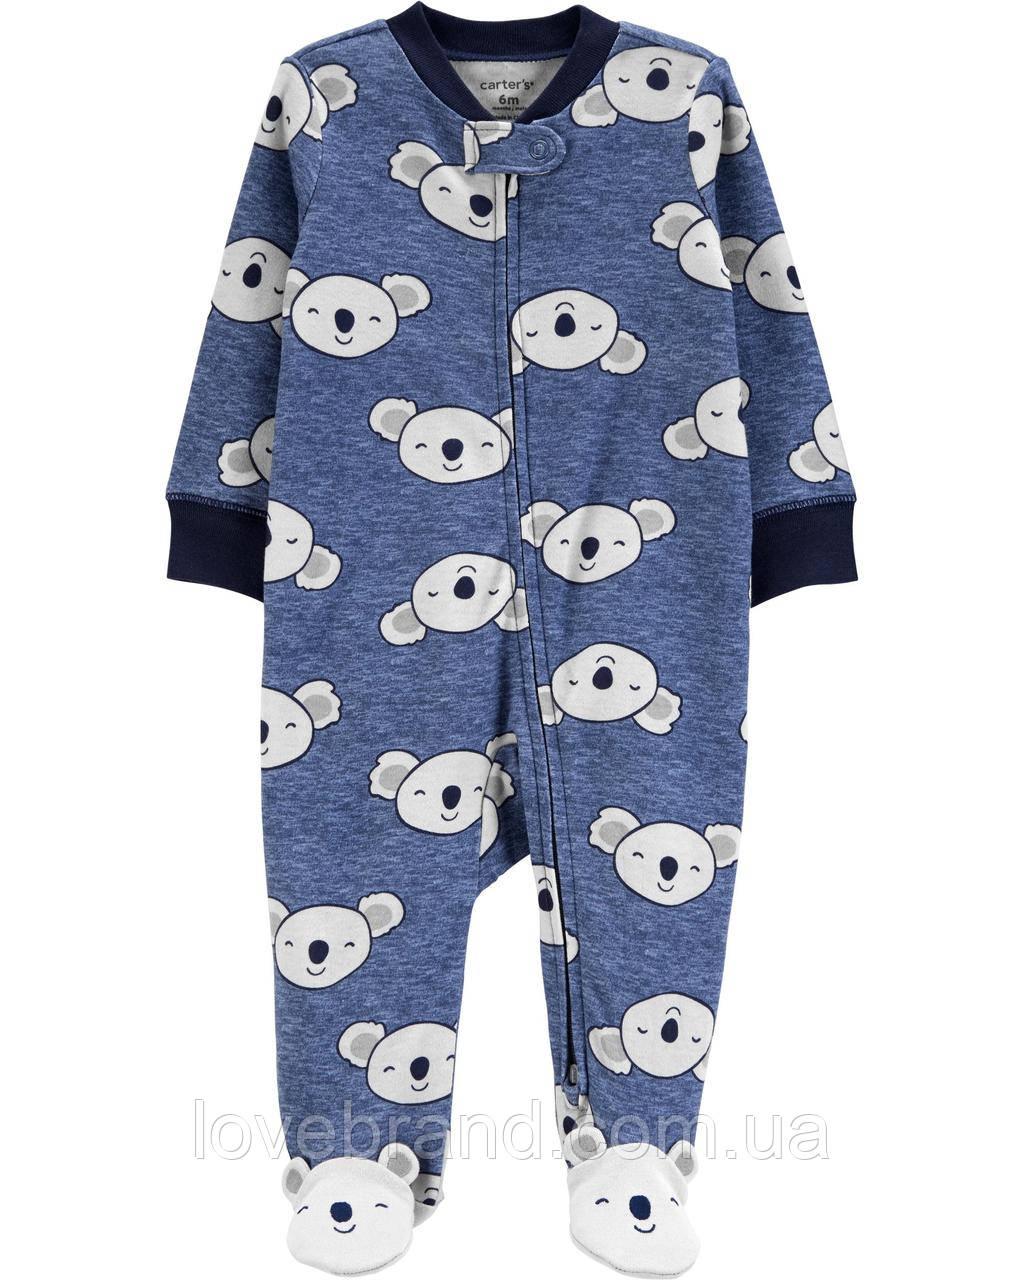 """Хлопковый человечек Carter's для мальчика """"Миленькие коалы"""" для новорожденных 6 мес/61-67 см"""